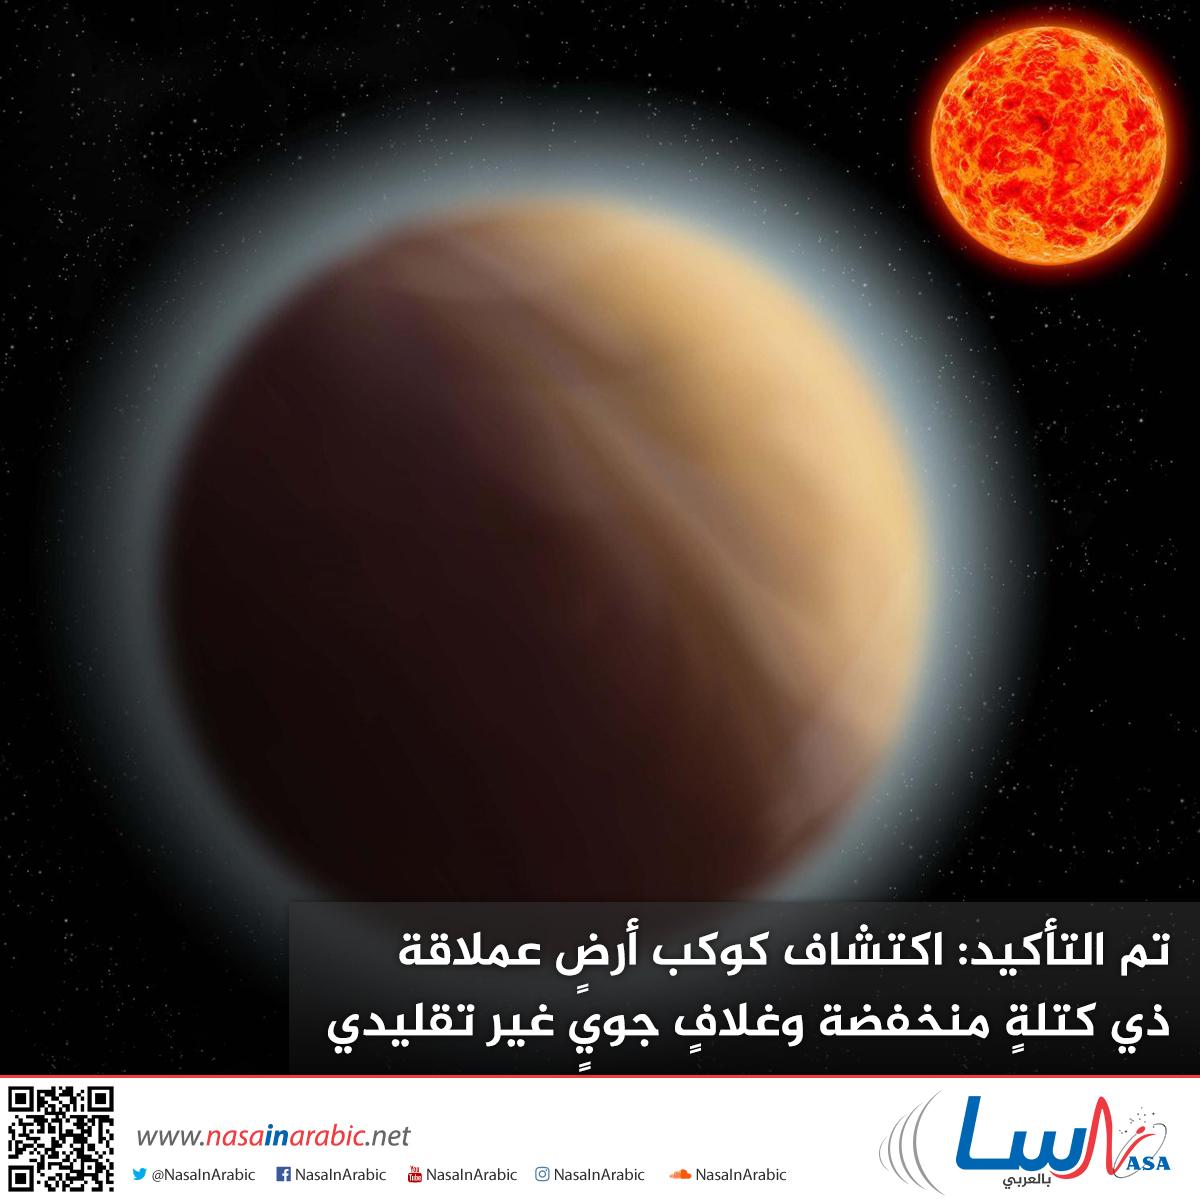 تم التأكيد: اكتشاف كوكب أرض عملاقة ذي كتلة منخفضة وغلاف جوي غير تقليدي